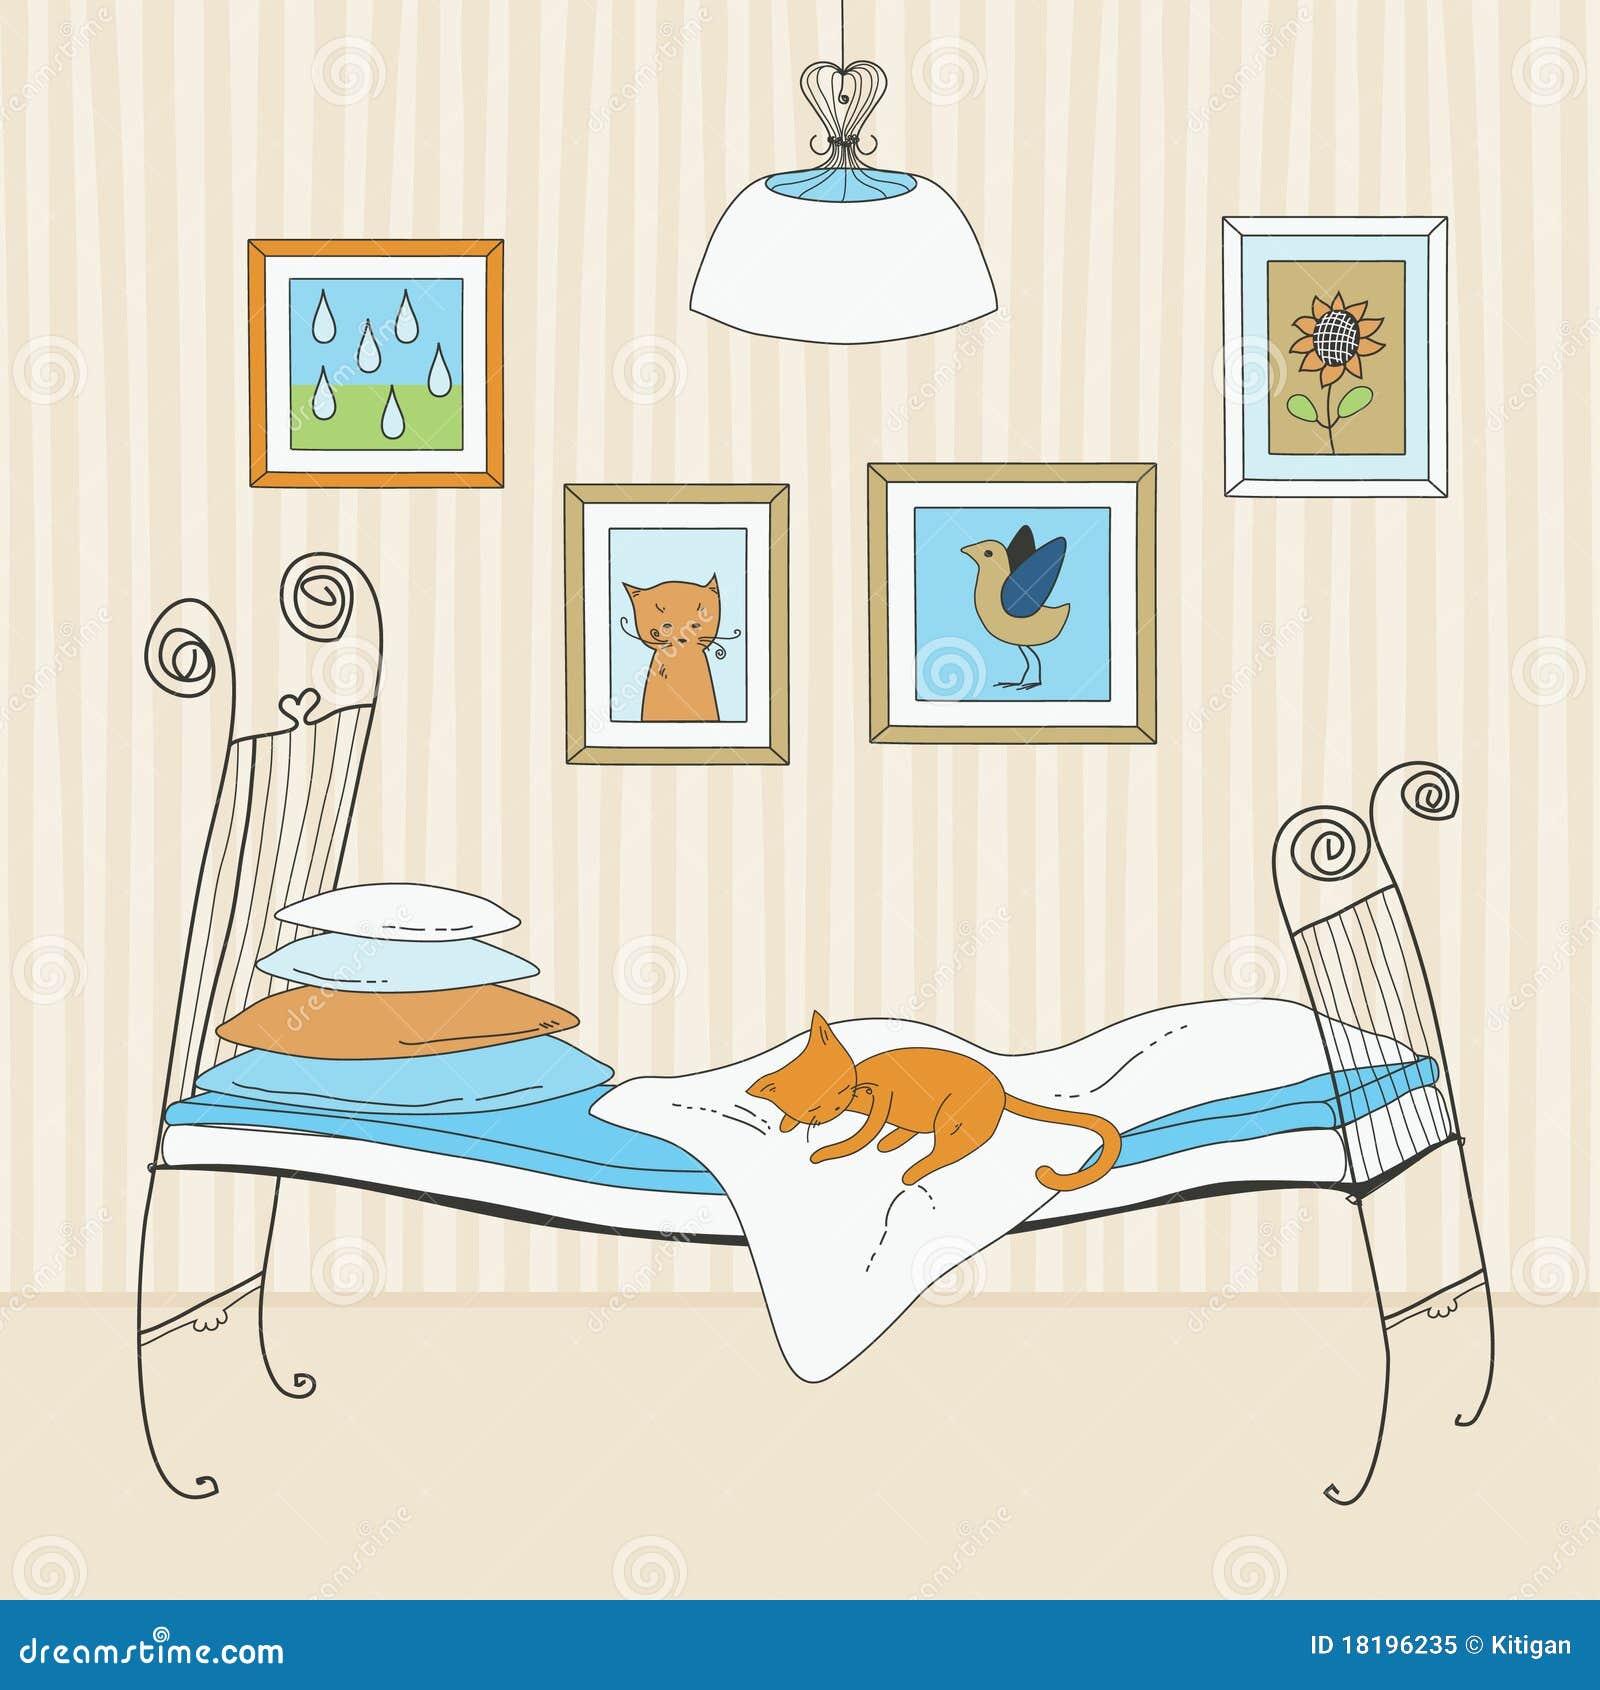 Как спят коты на кровати рисунок